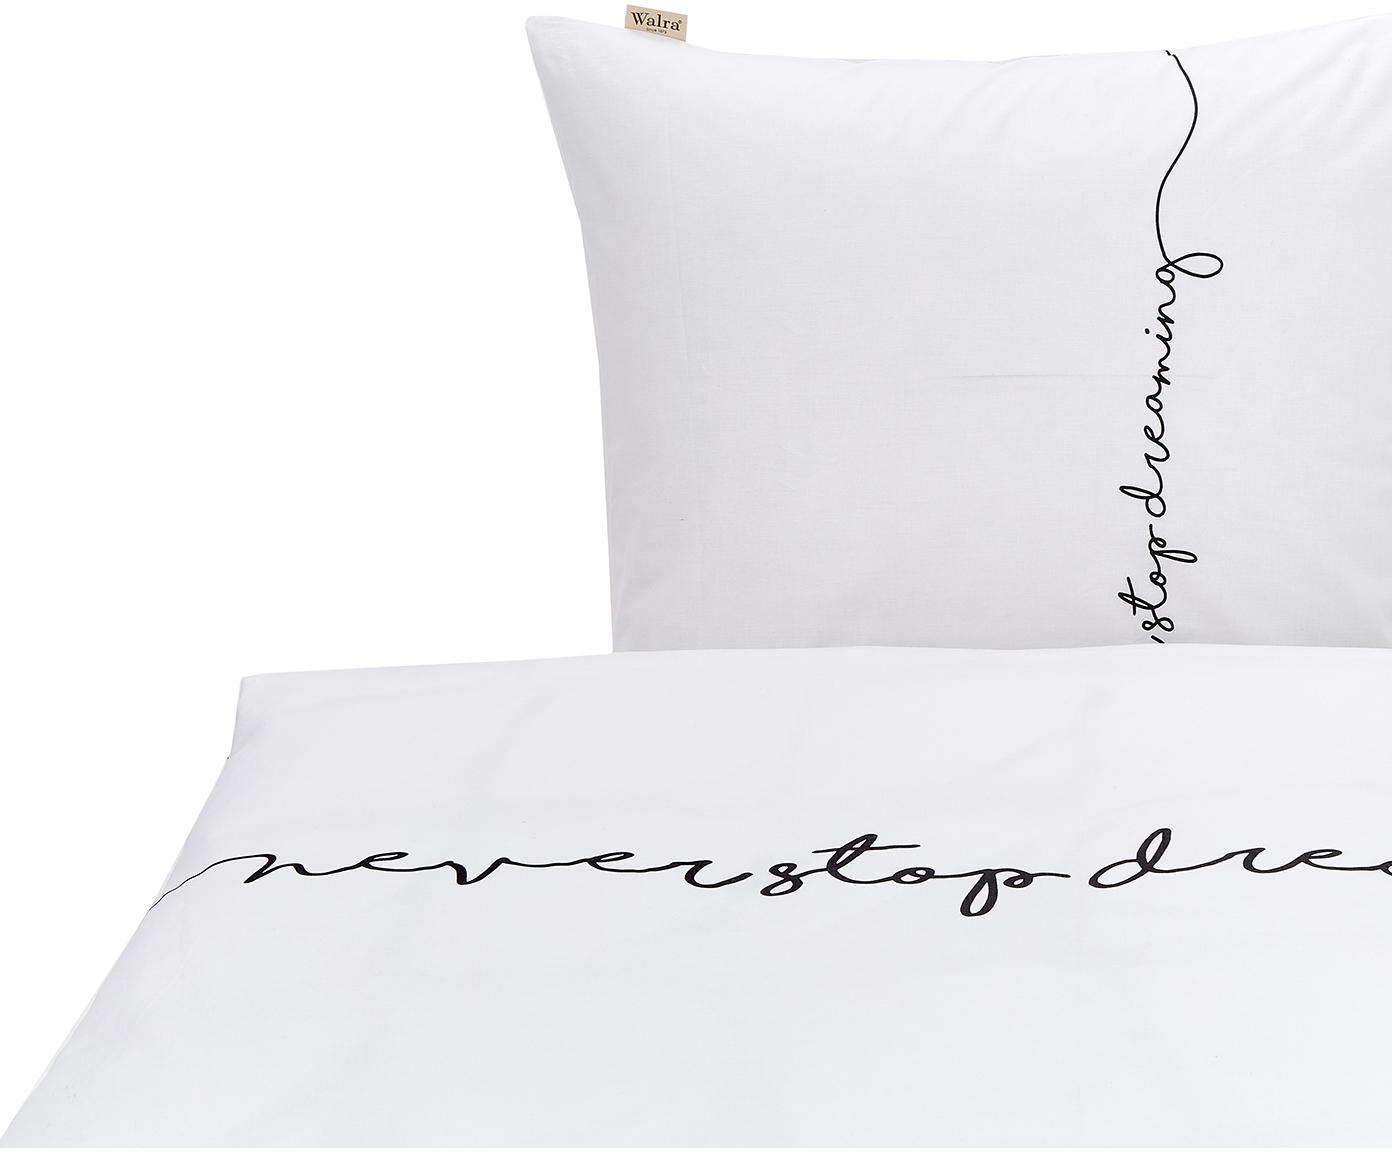 Baumwoll-Bettwäsche Never Stop Dreaming mit Schriftzug, Webart: Renforcé Renforcé besteht, Weiß, Schwarz, 135 x 200 cm + 1 Kissen 80 x 80 cm